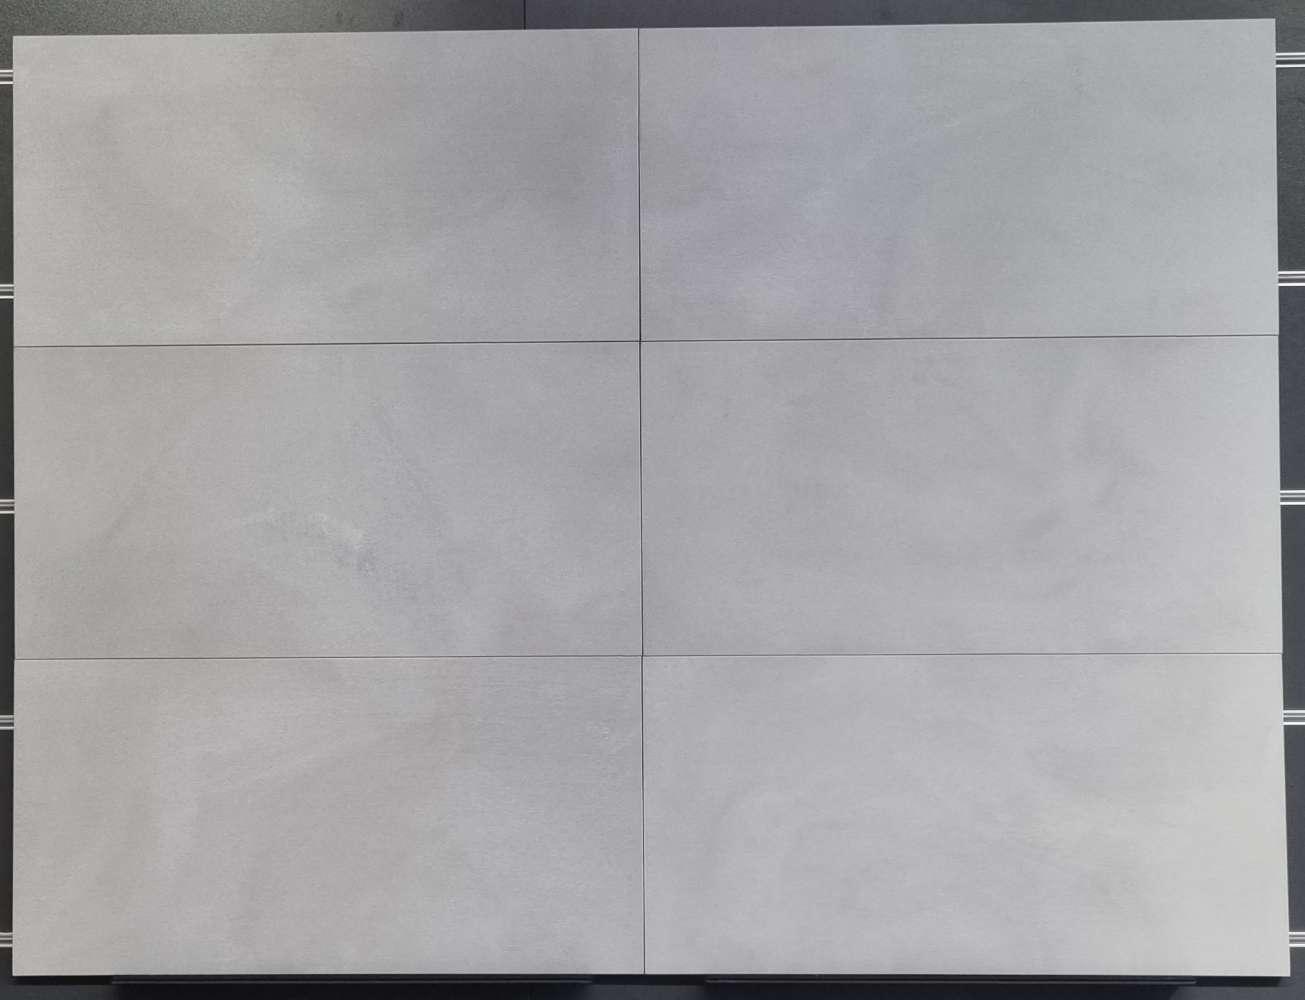 Bodenfliese, B-One, hellgrau, 30x60cm